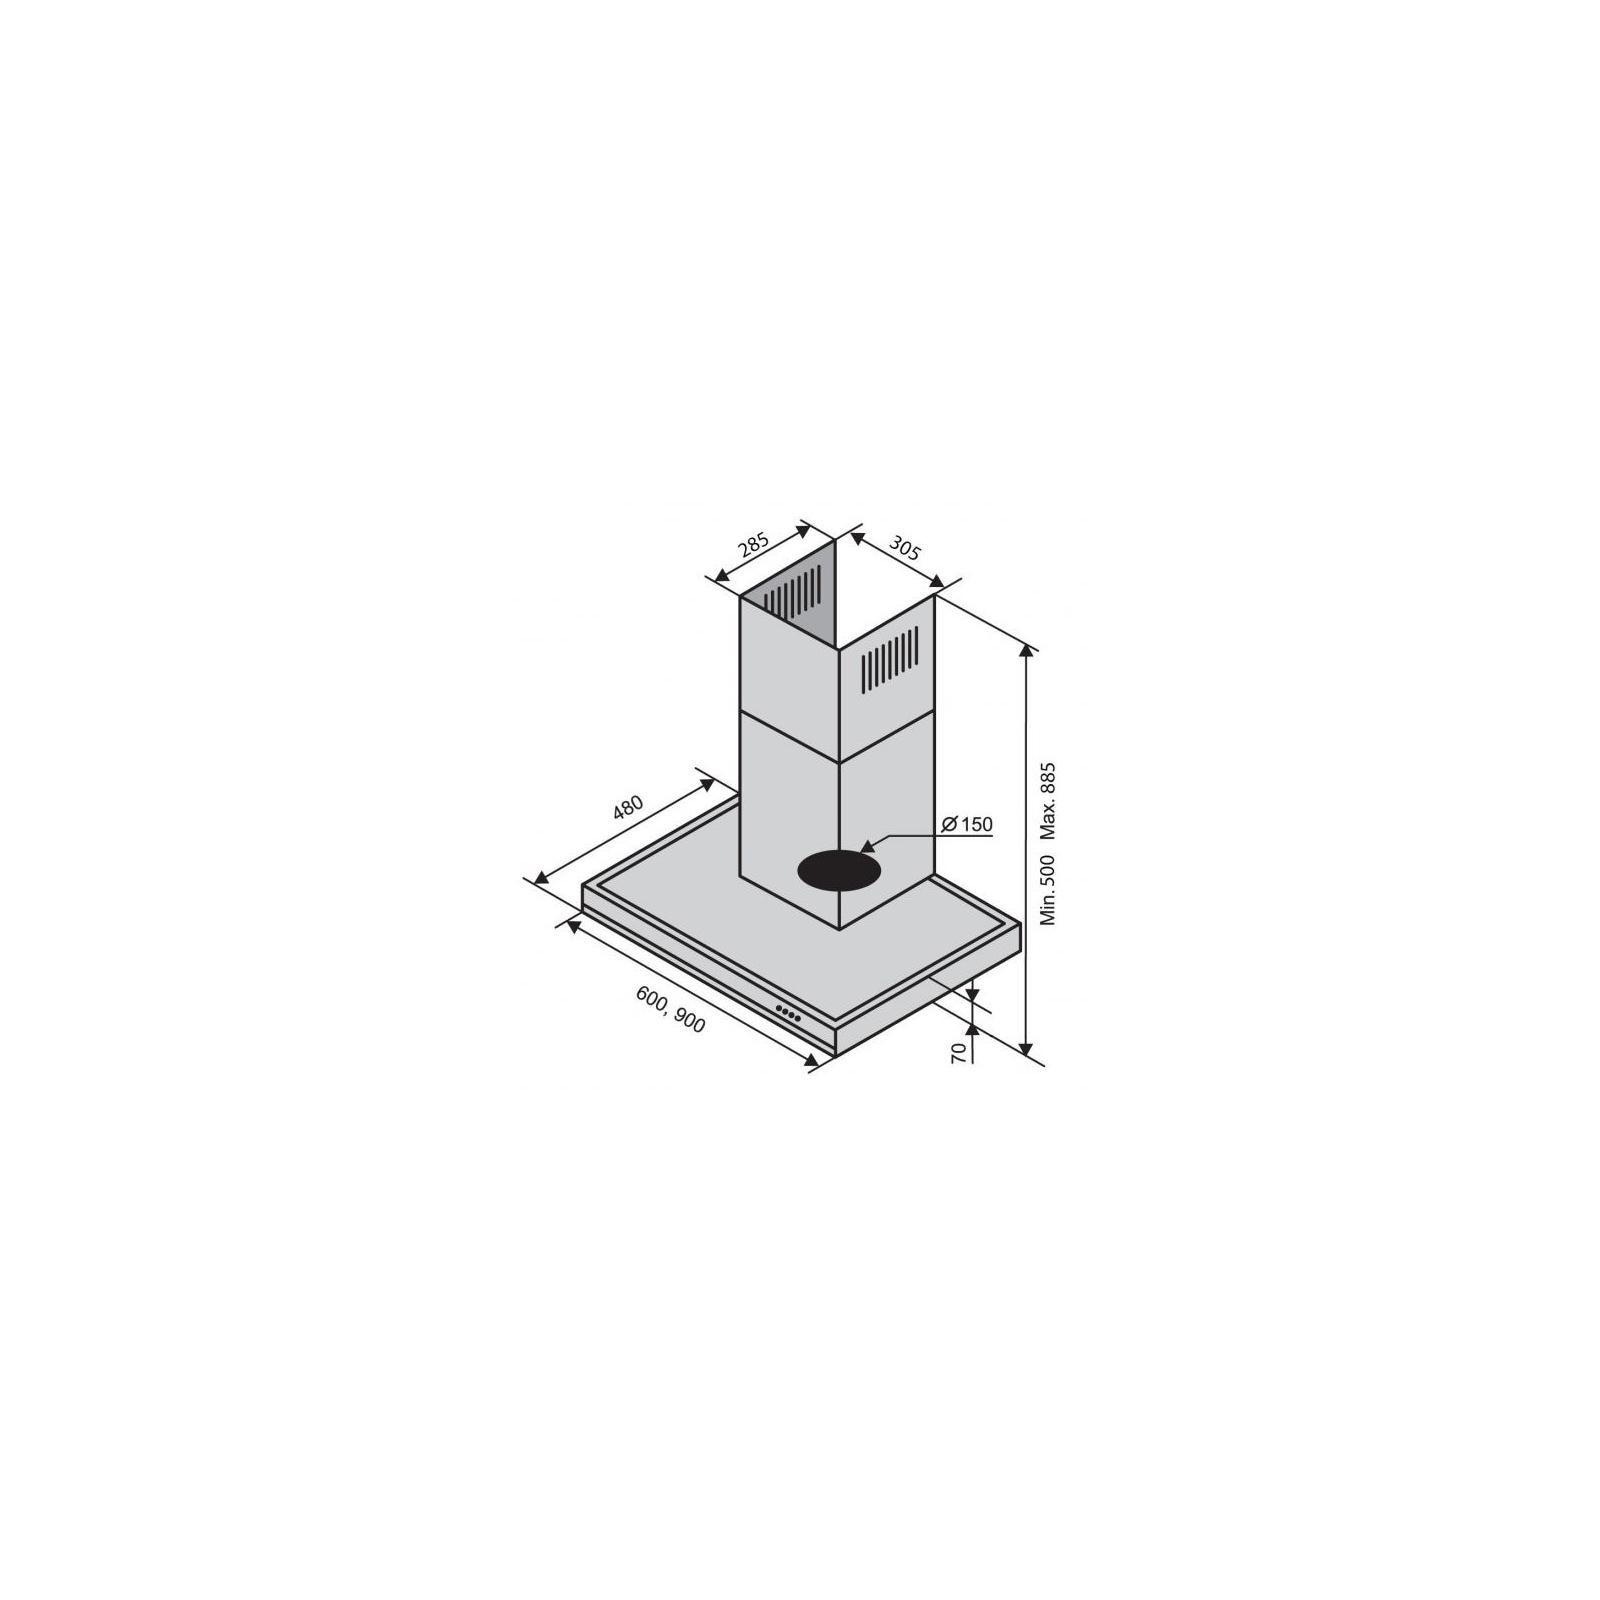 Вытяжка кухонная Ventolux ITALIA 90 BK/X (1200) изображение 2